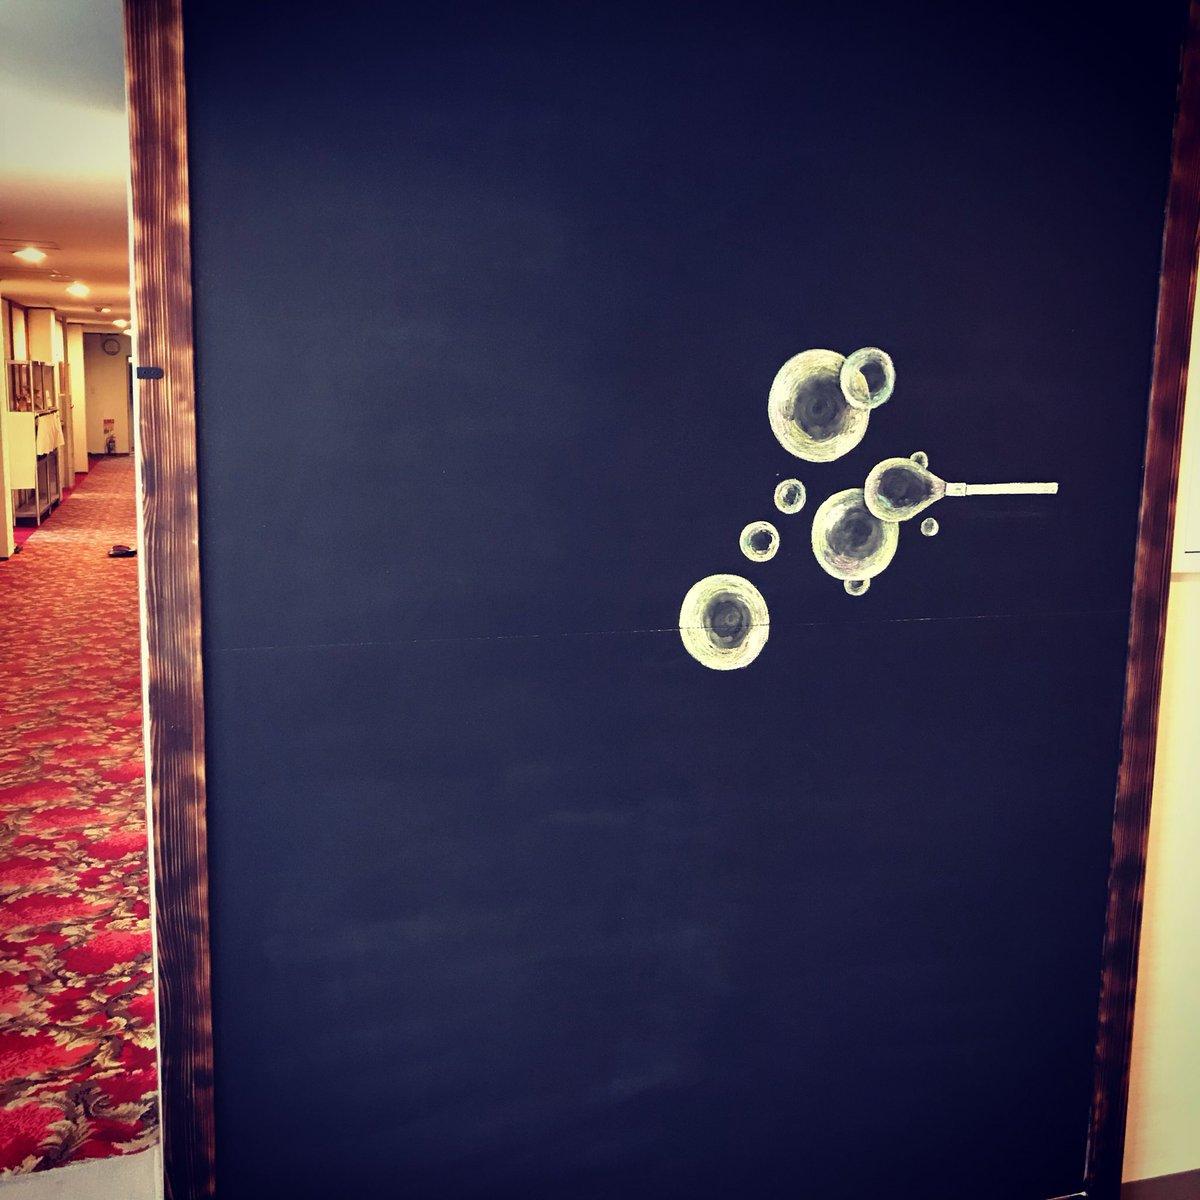 旅館内の廊下にある黒板に新しい絵が(^-^)一緒に撮影して #インスタ投稿 お願いします! #インスタ映え #まるみつ旅館黒板